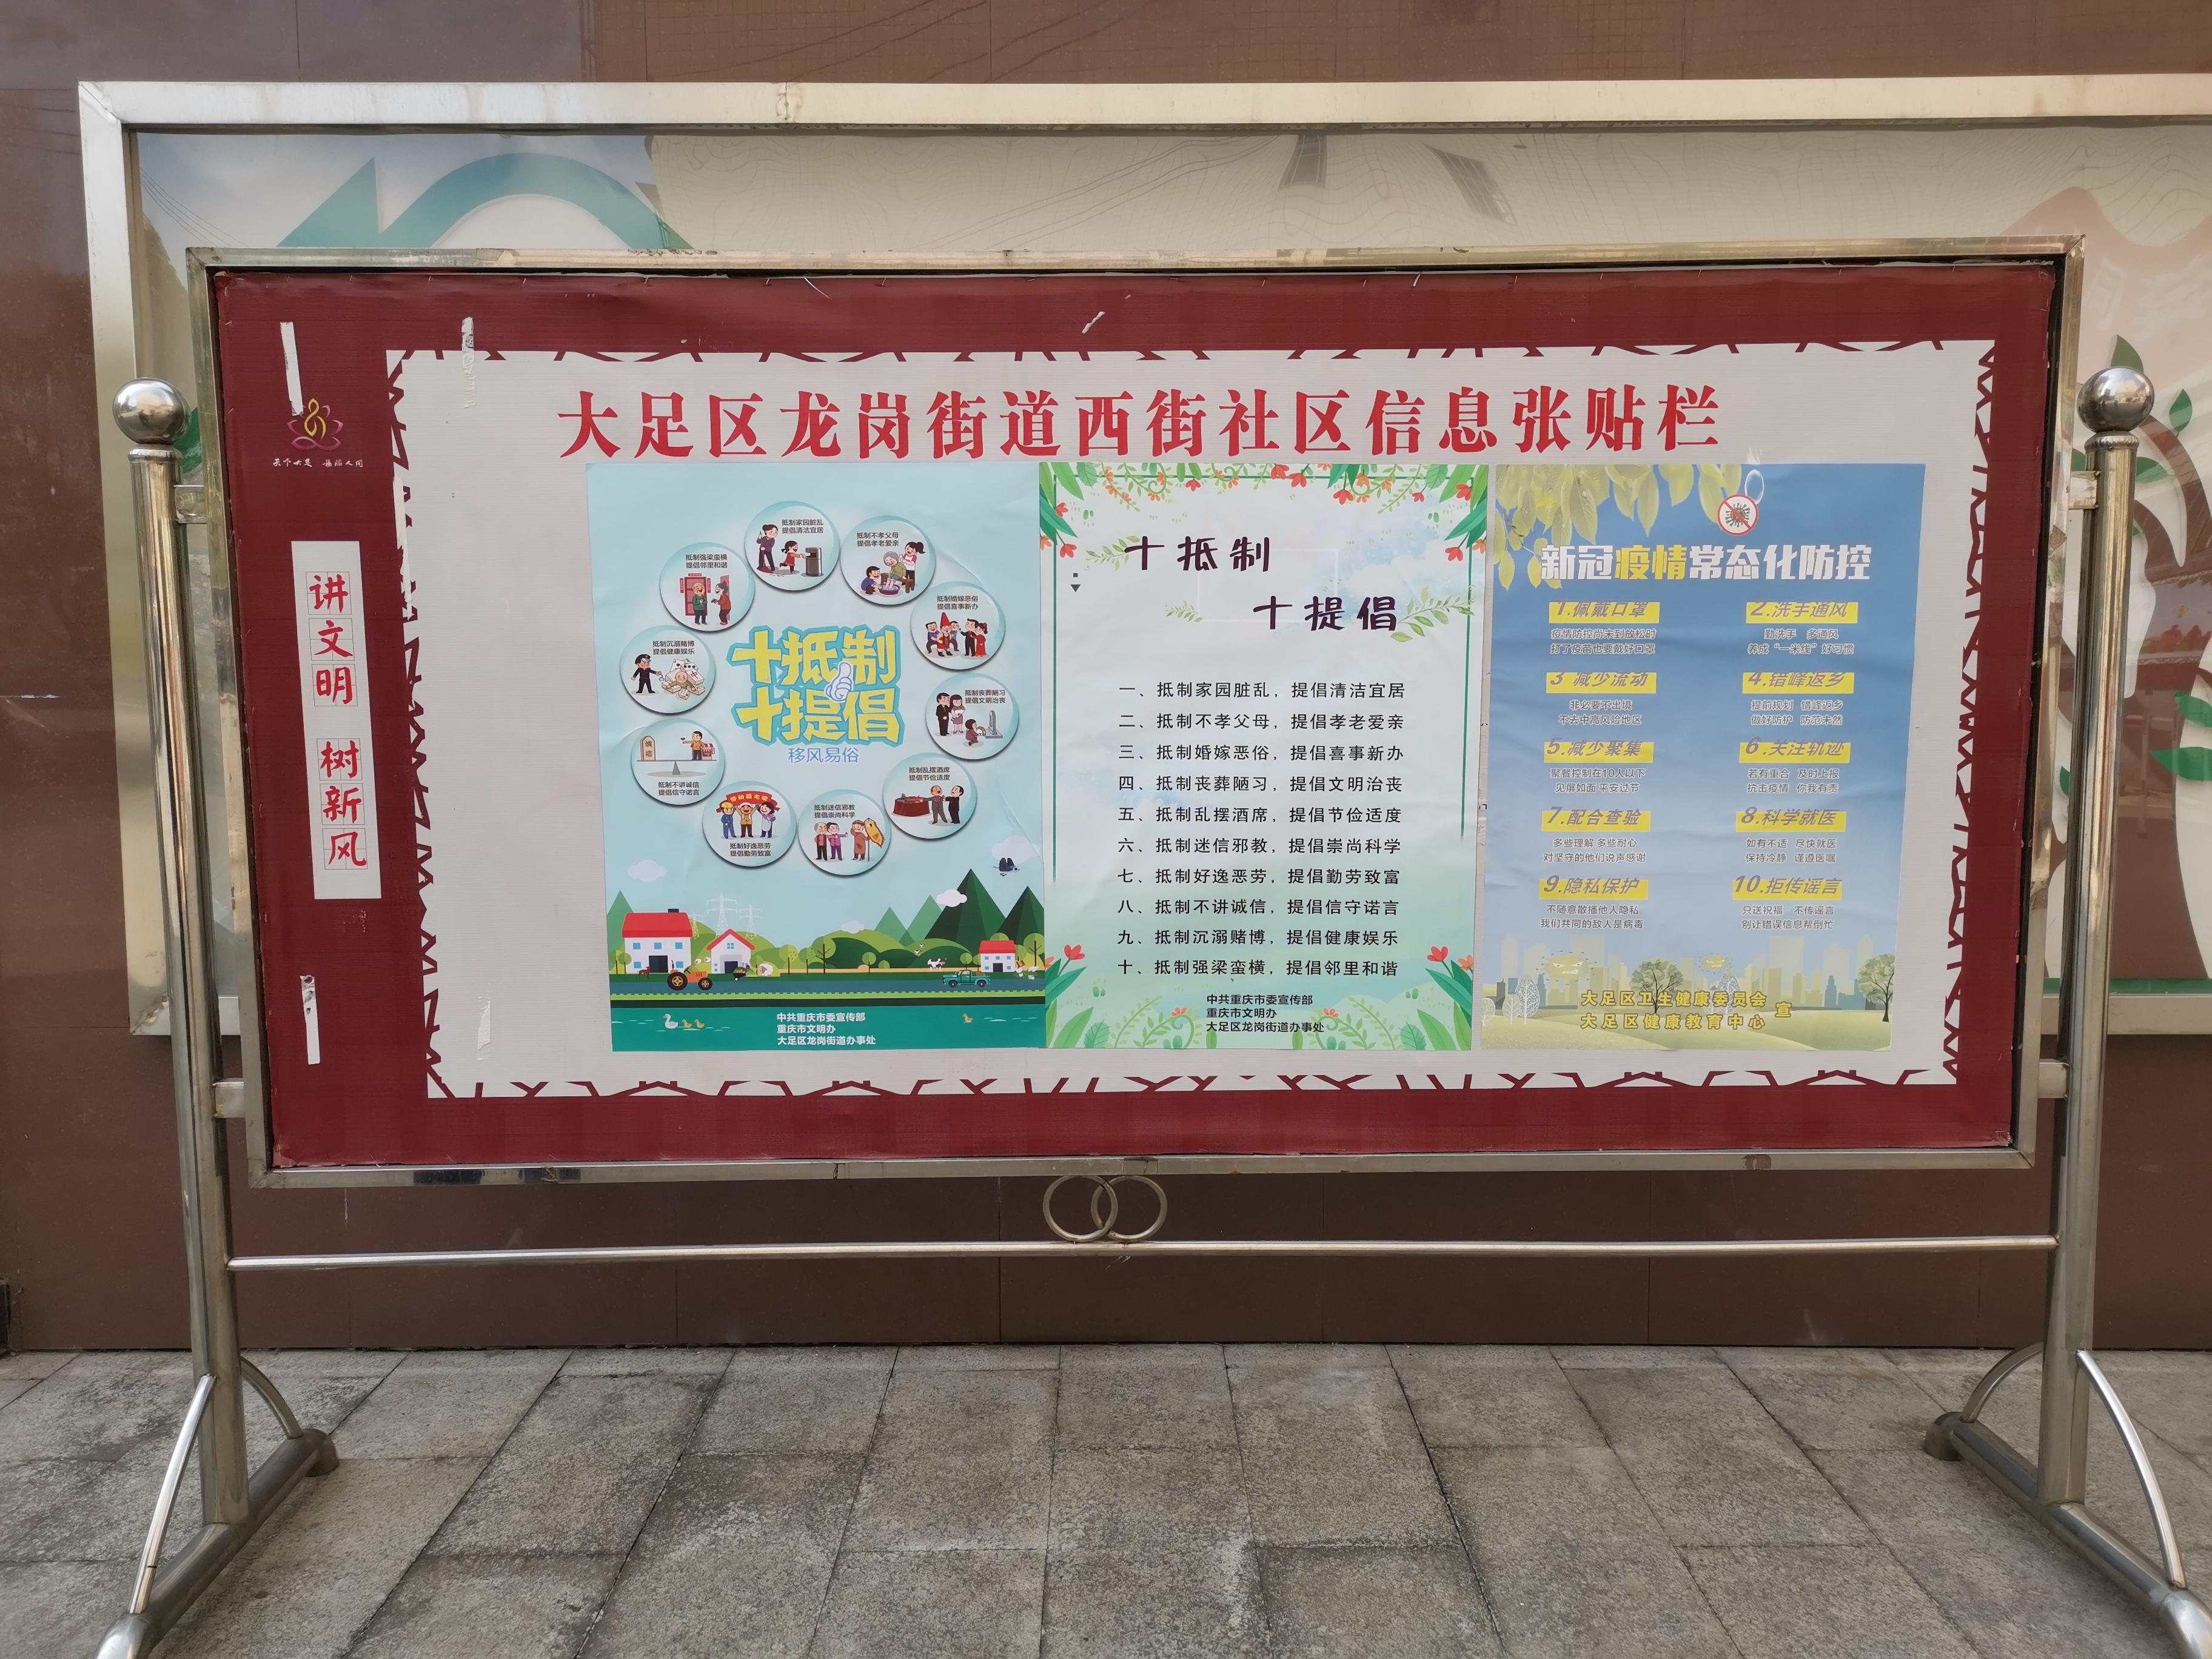 西街社区移风易俗海报宣传.jpg